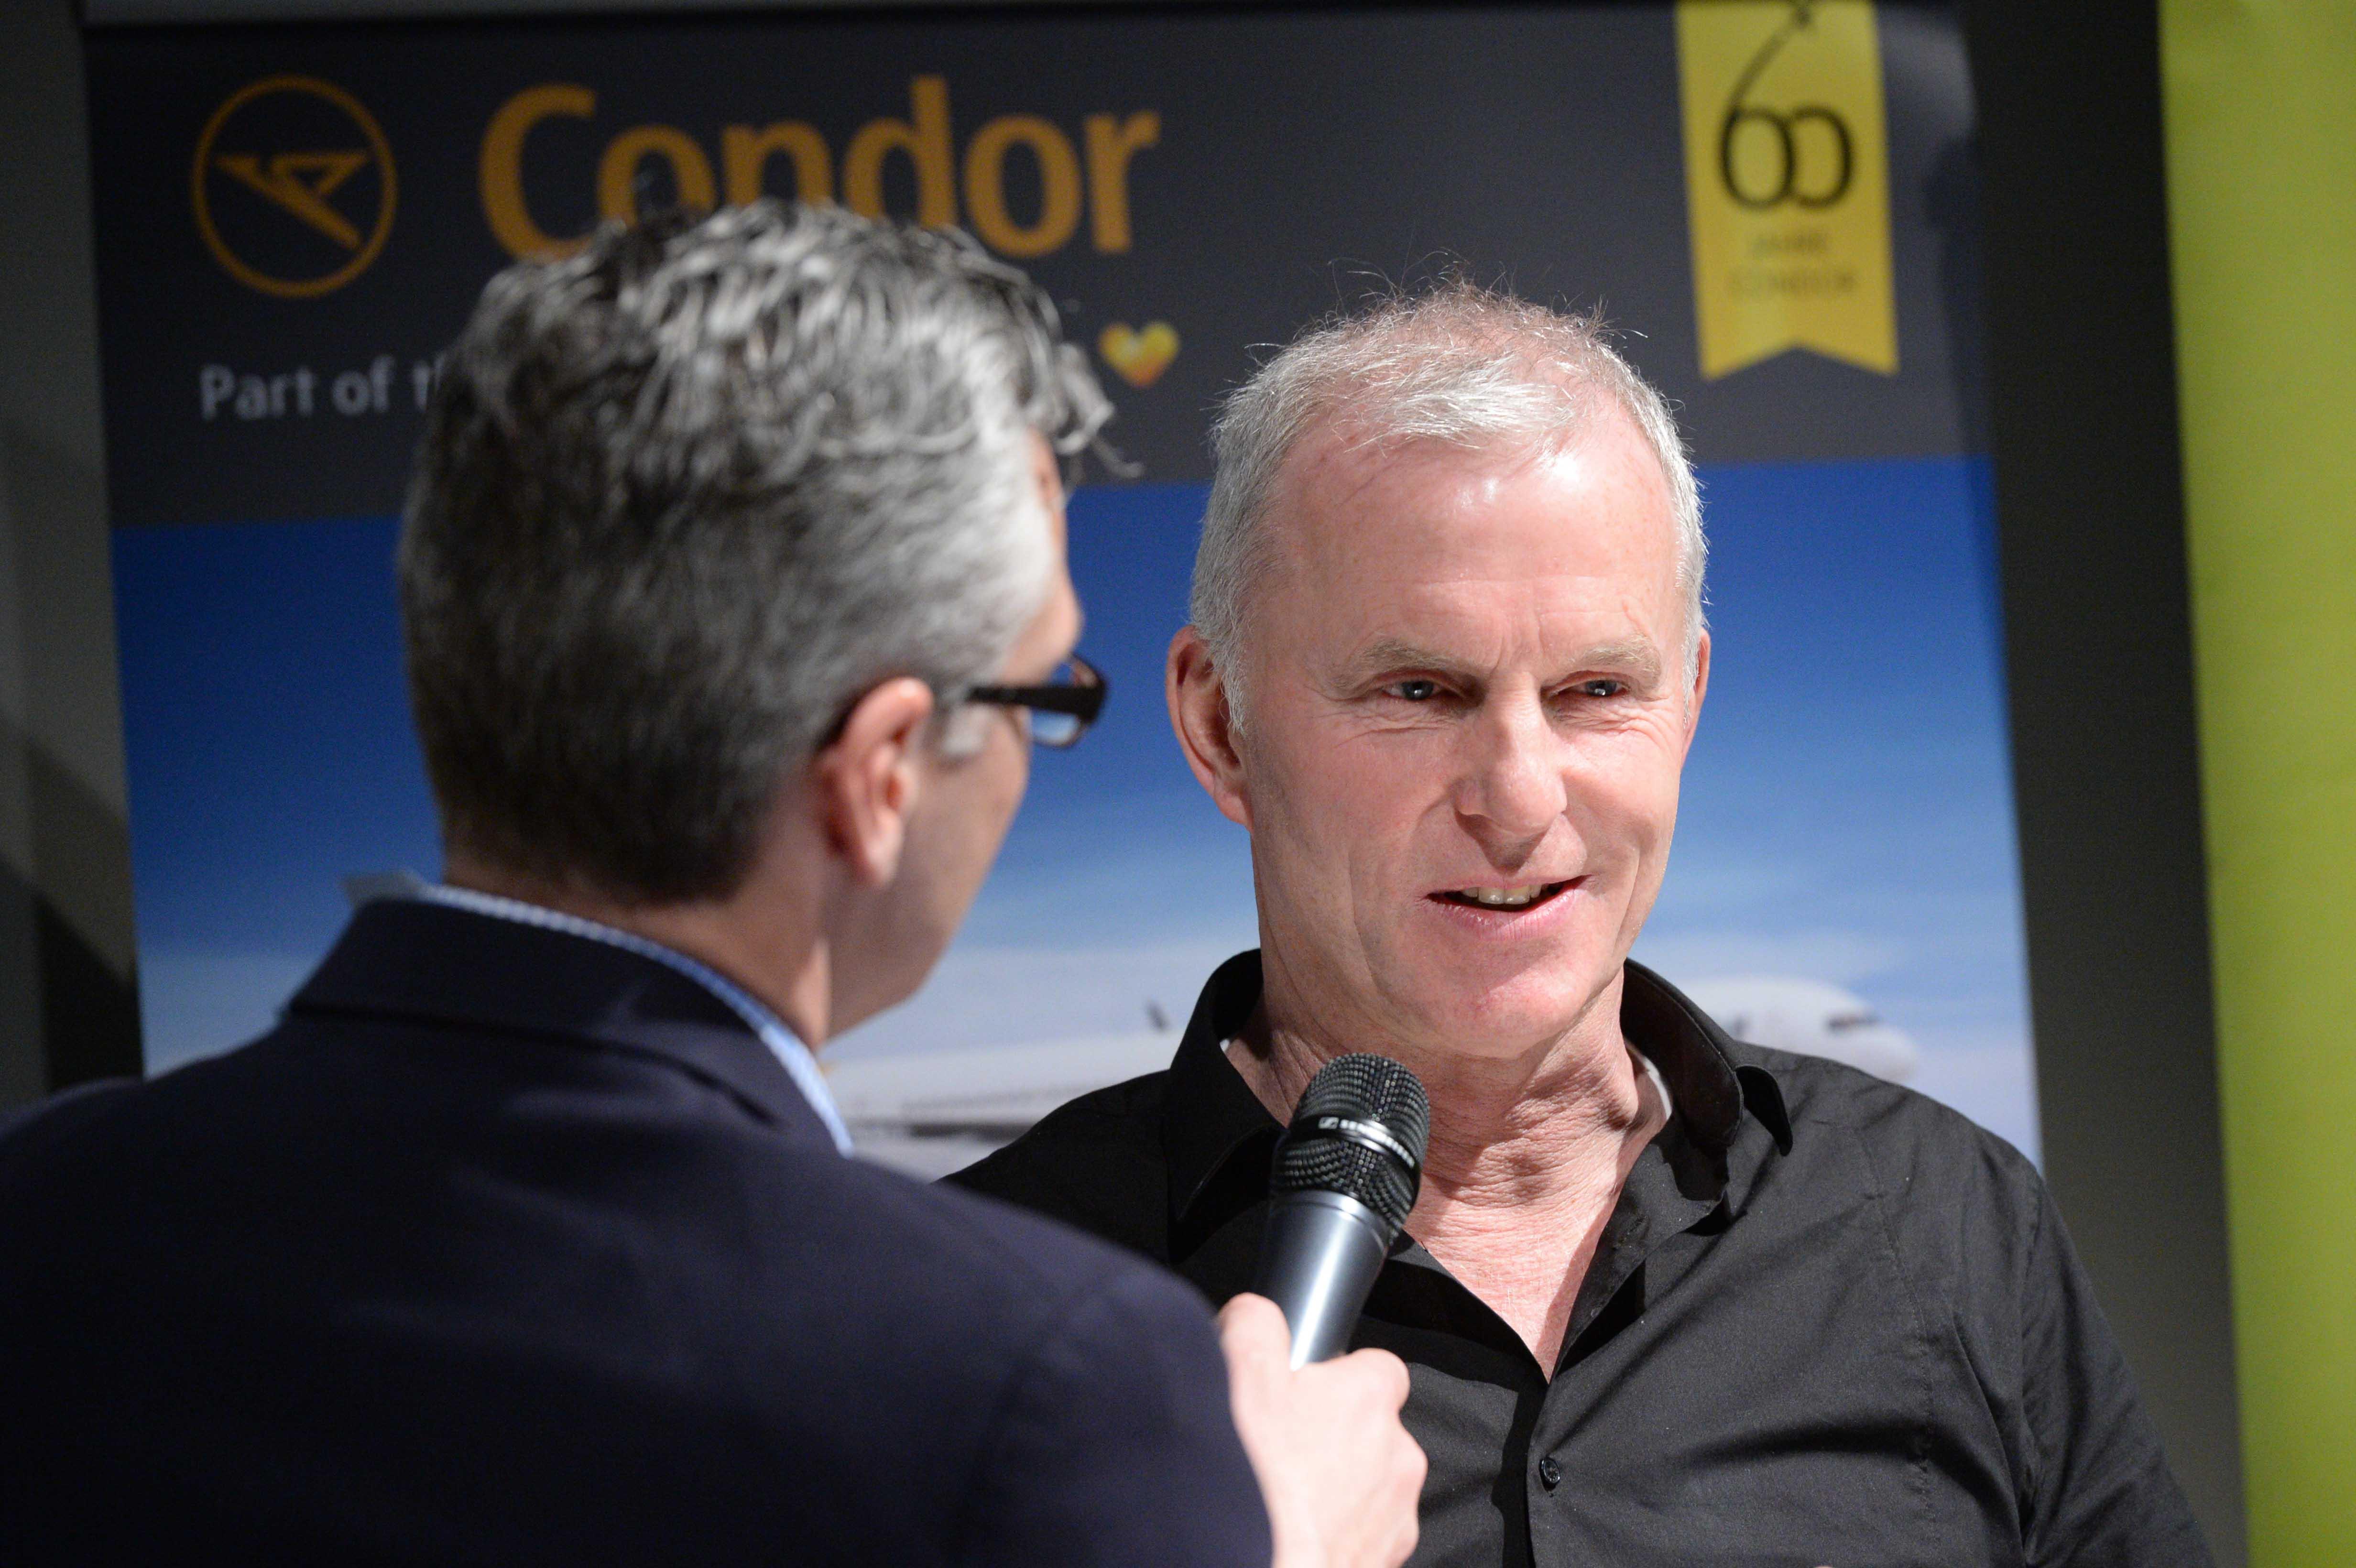 Columbus Radio Preisverleihung 2015 Andreas Stopp DLF Talk mit Holger Wetzel